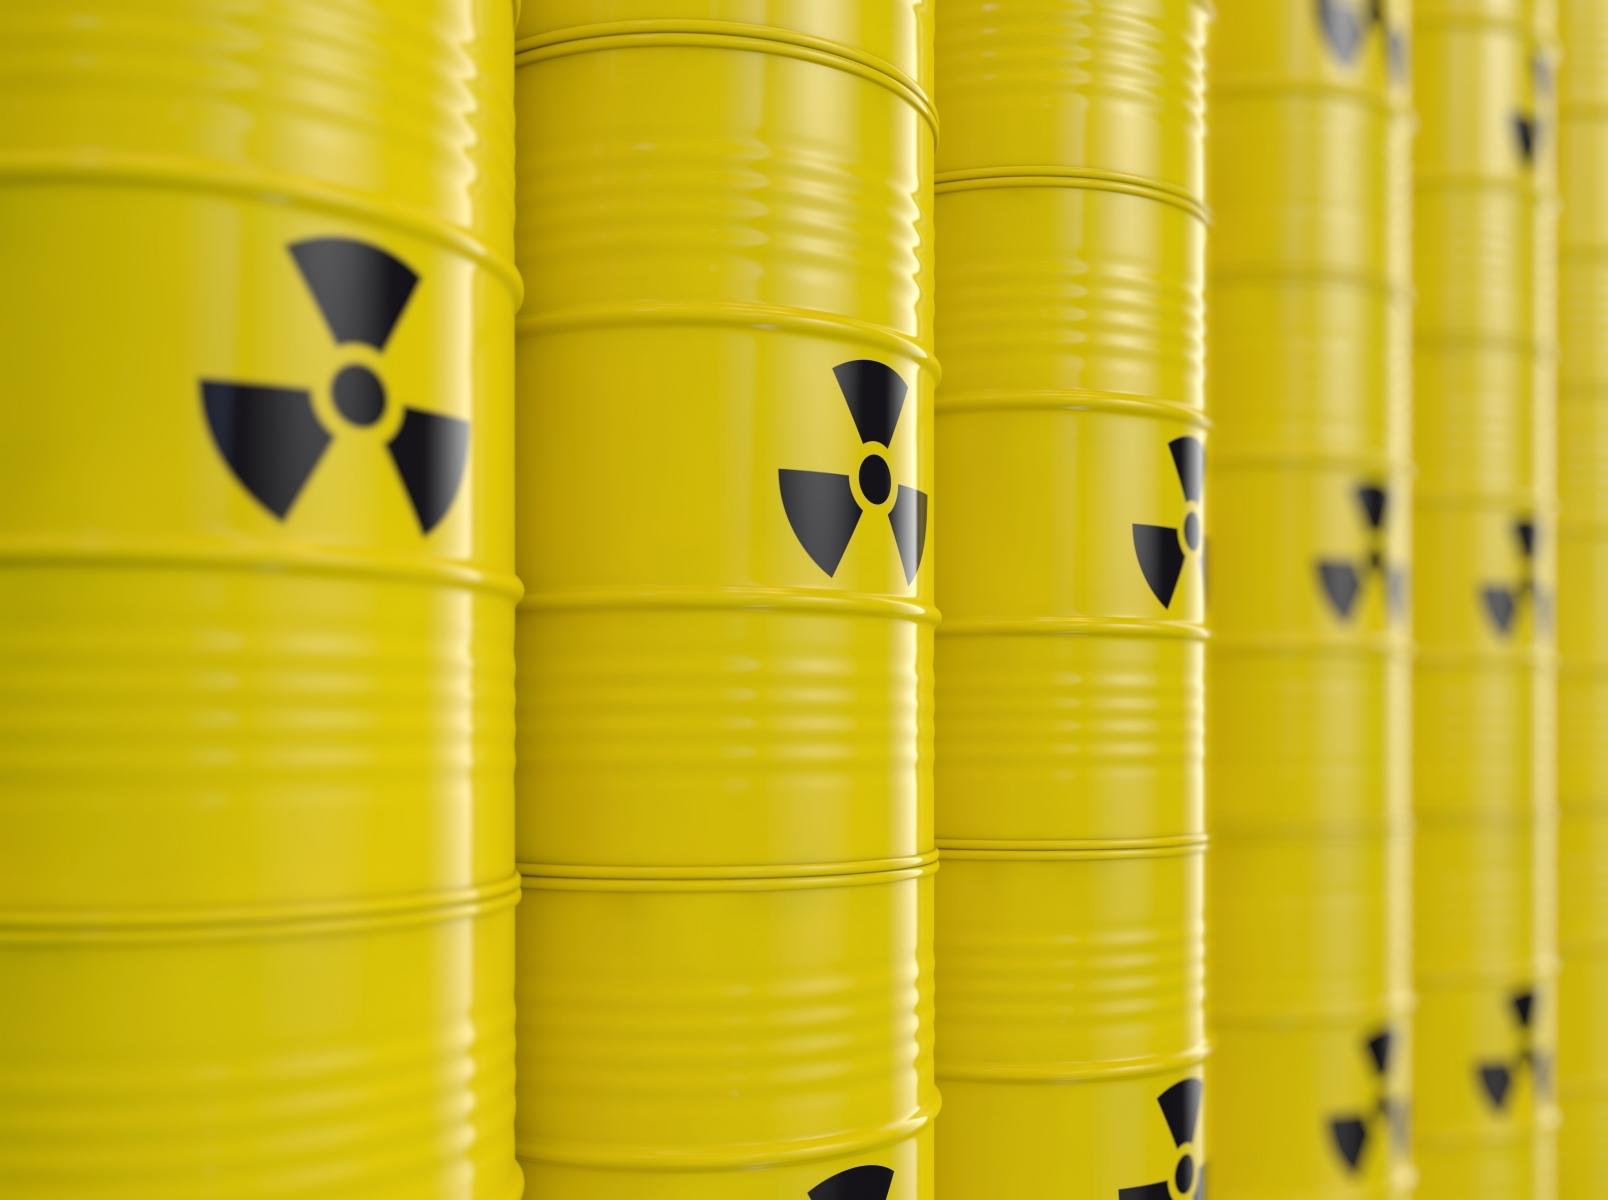 МАГАТЭ и Россия подписали договор по транспортировке урана в Казахстан, МАГАТЭ, Россия, Договор, Транспортировка урана, Казахстан